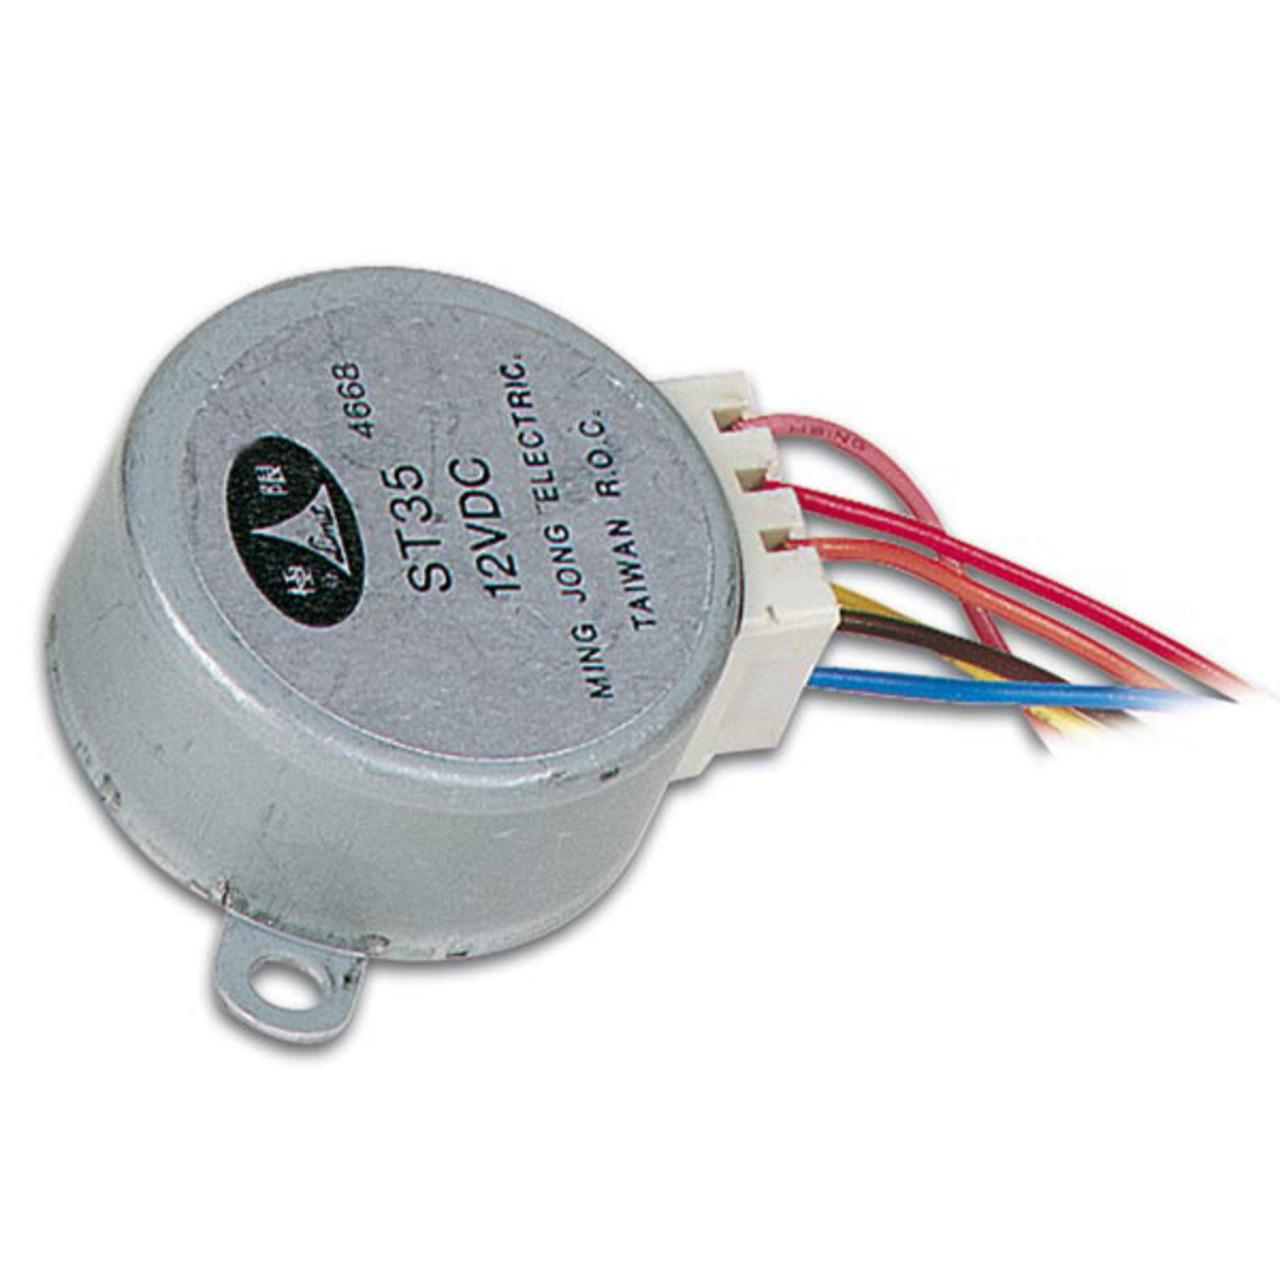 Schrittmotor 12 V DC 60 mA (Winkel 7-5- - 48 Schritte)